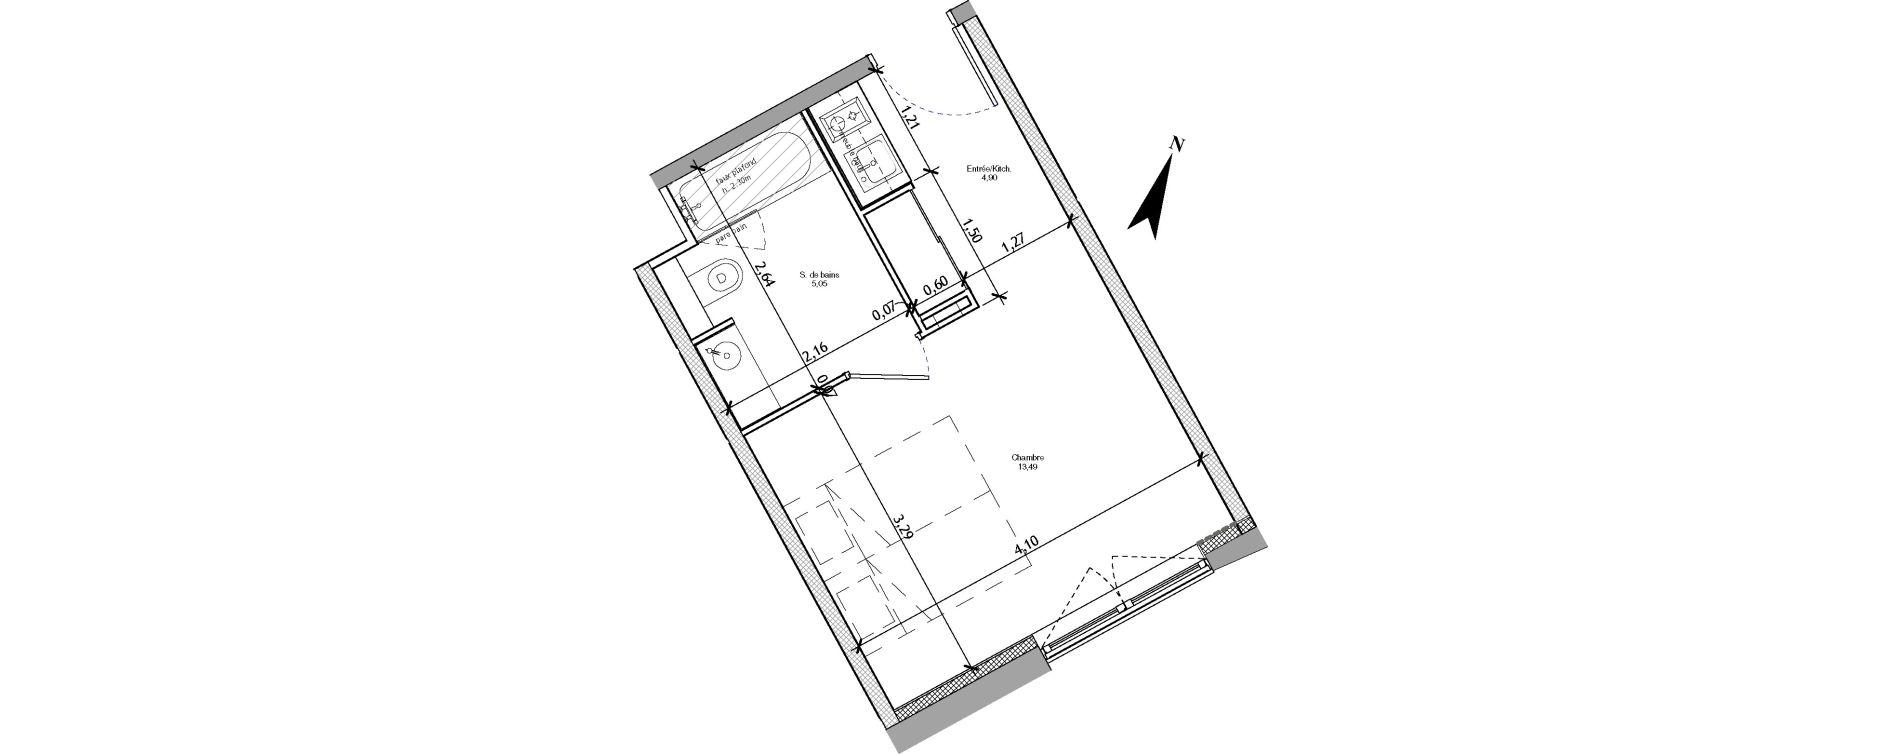 Appartement T1 meublé de 23,44 m2 à Angers La fayette-eble